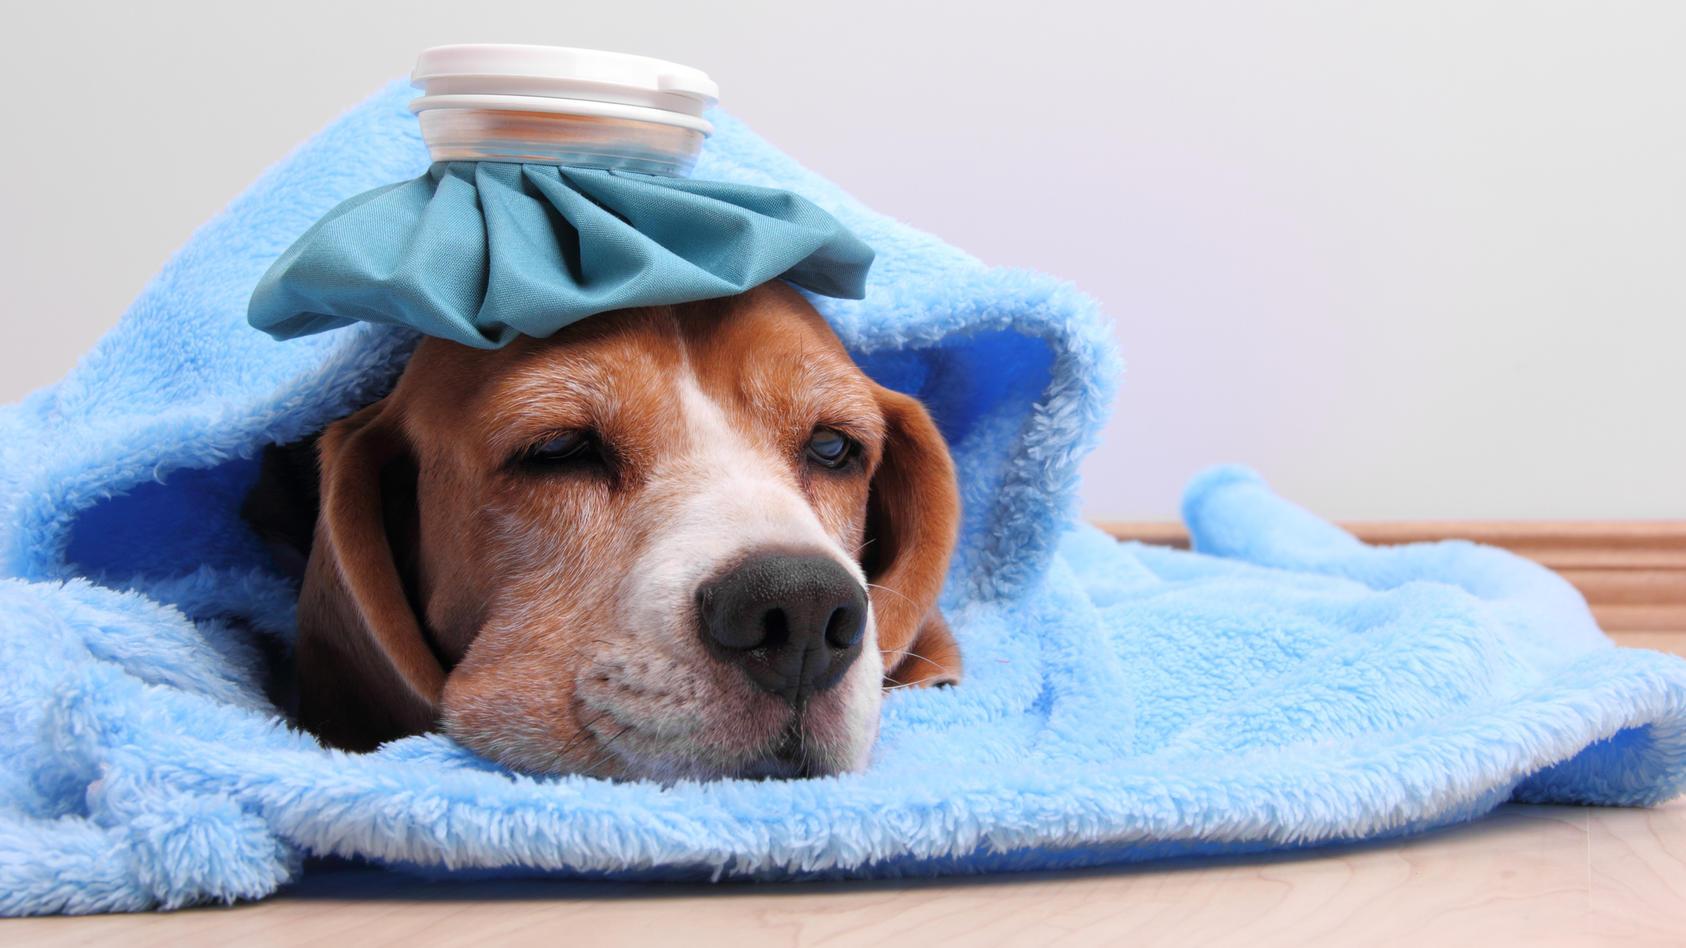 Mein Hund ist krank. Darf ich als Festangestellter auch von zu Hause arbeiten? Oder bekomme ich sogar einen Tag Sonderurlaub?